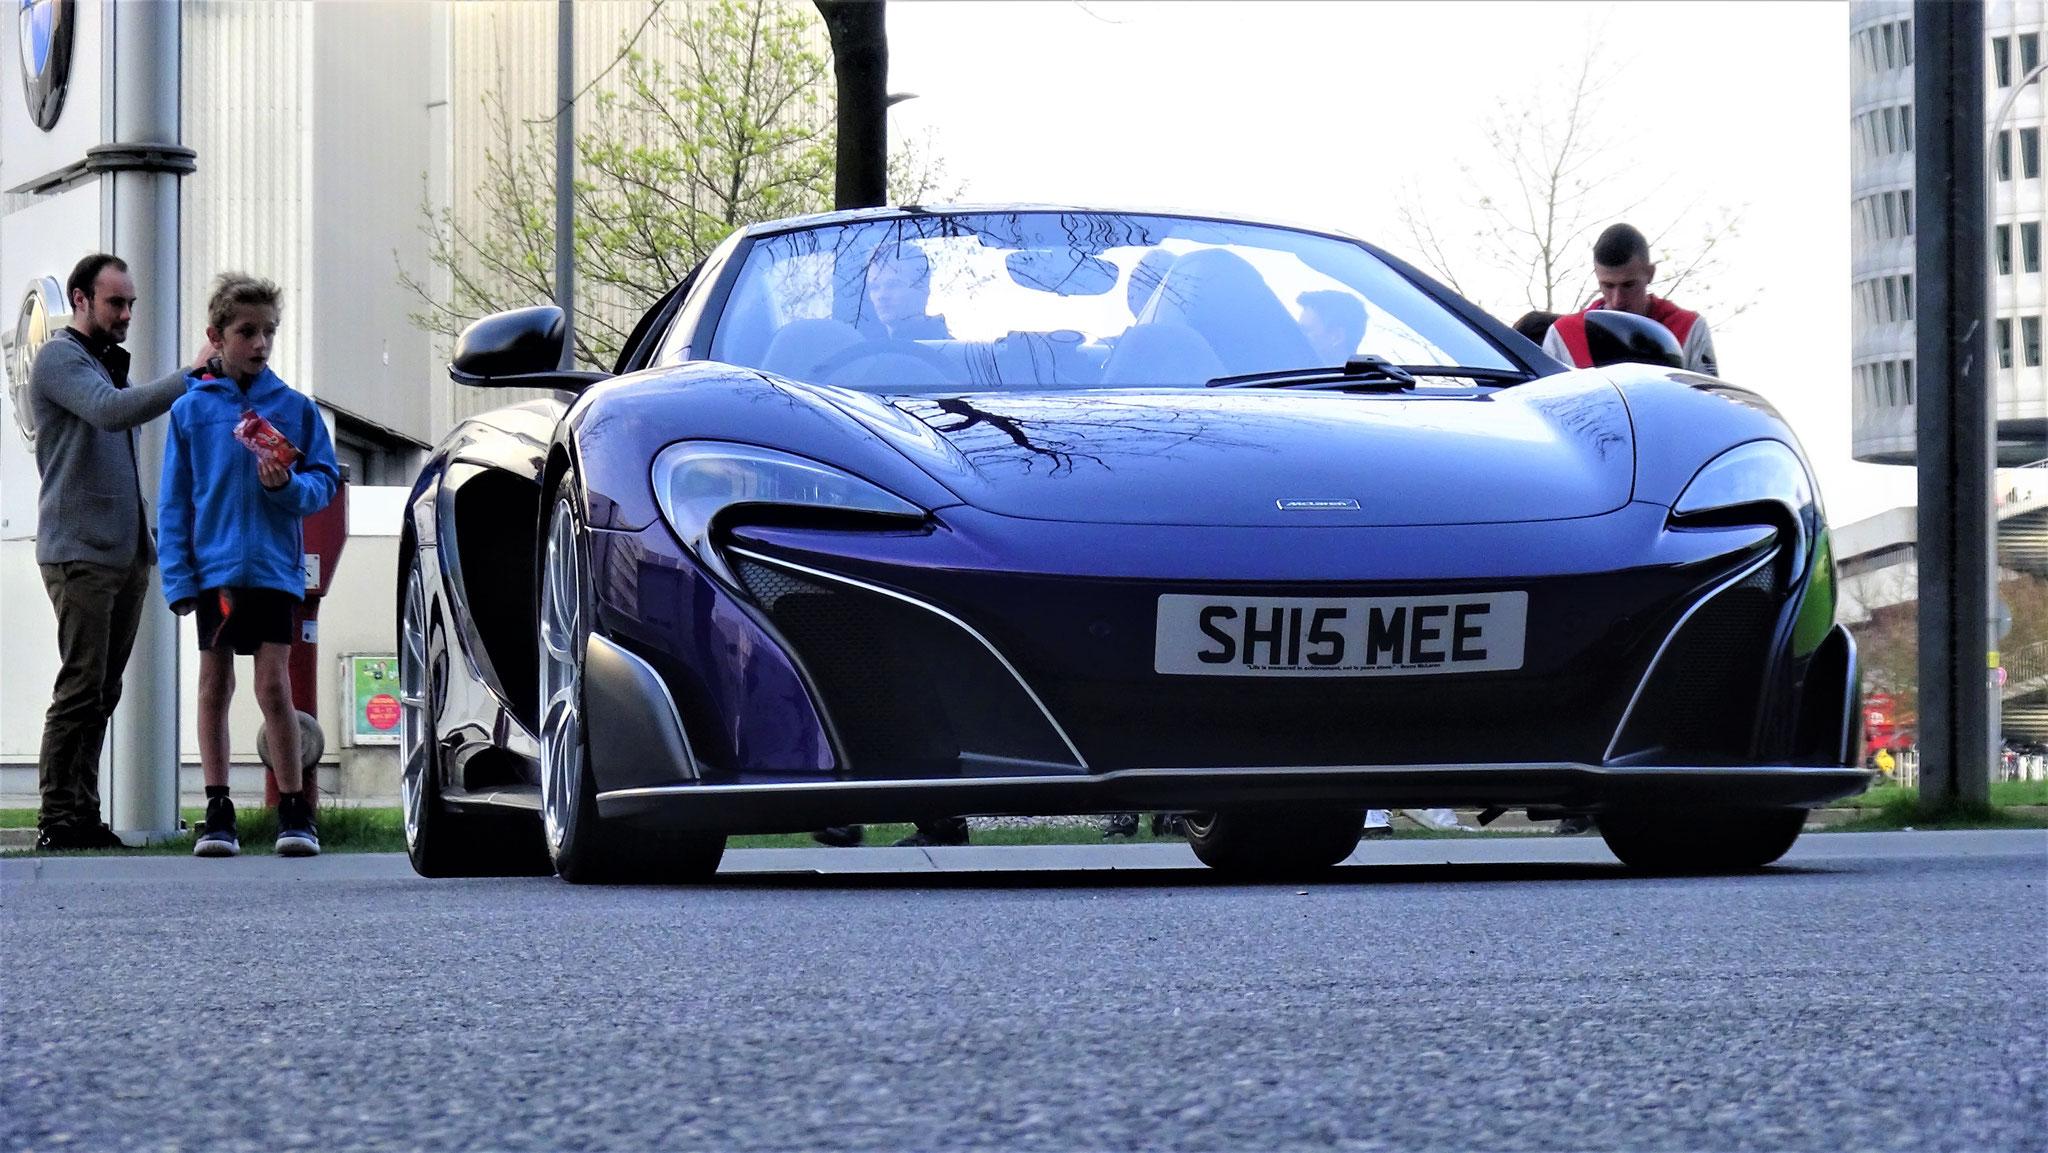 McLaren 675 LT  Spider - SH15-MEE (GB)